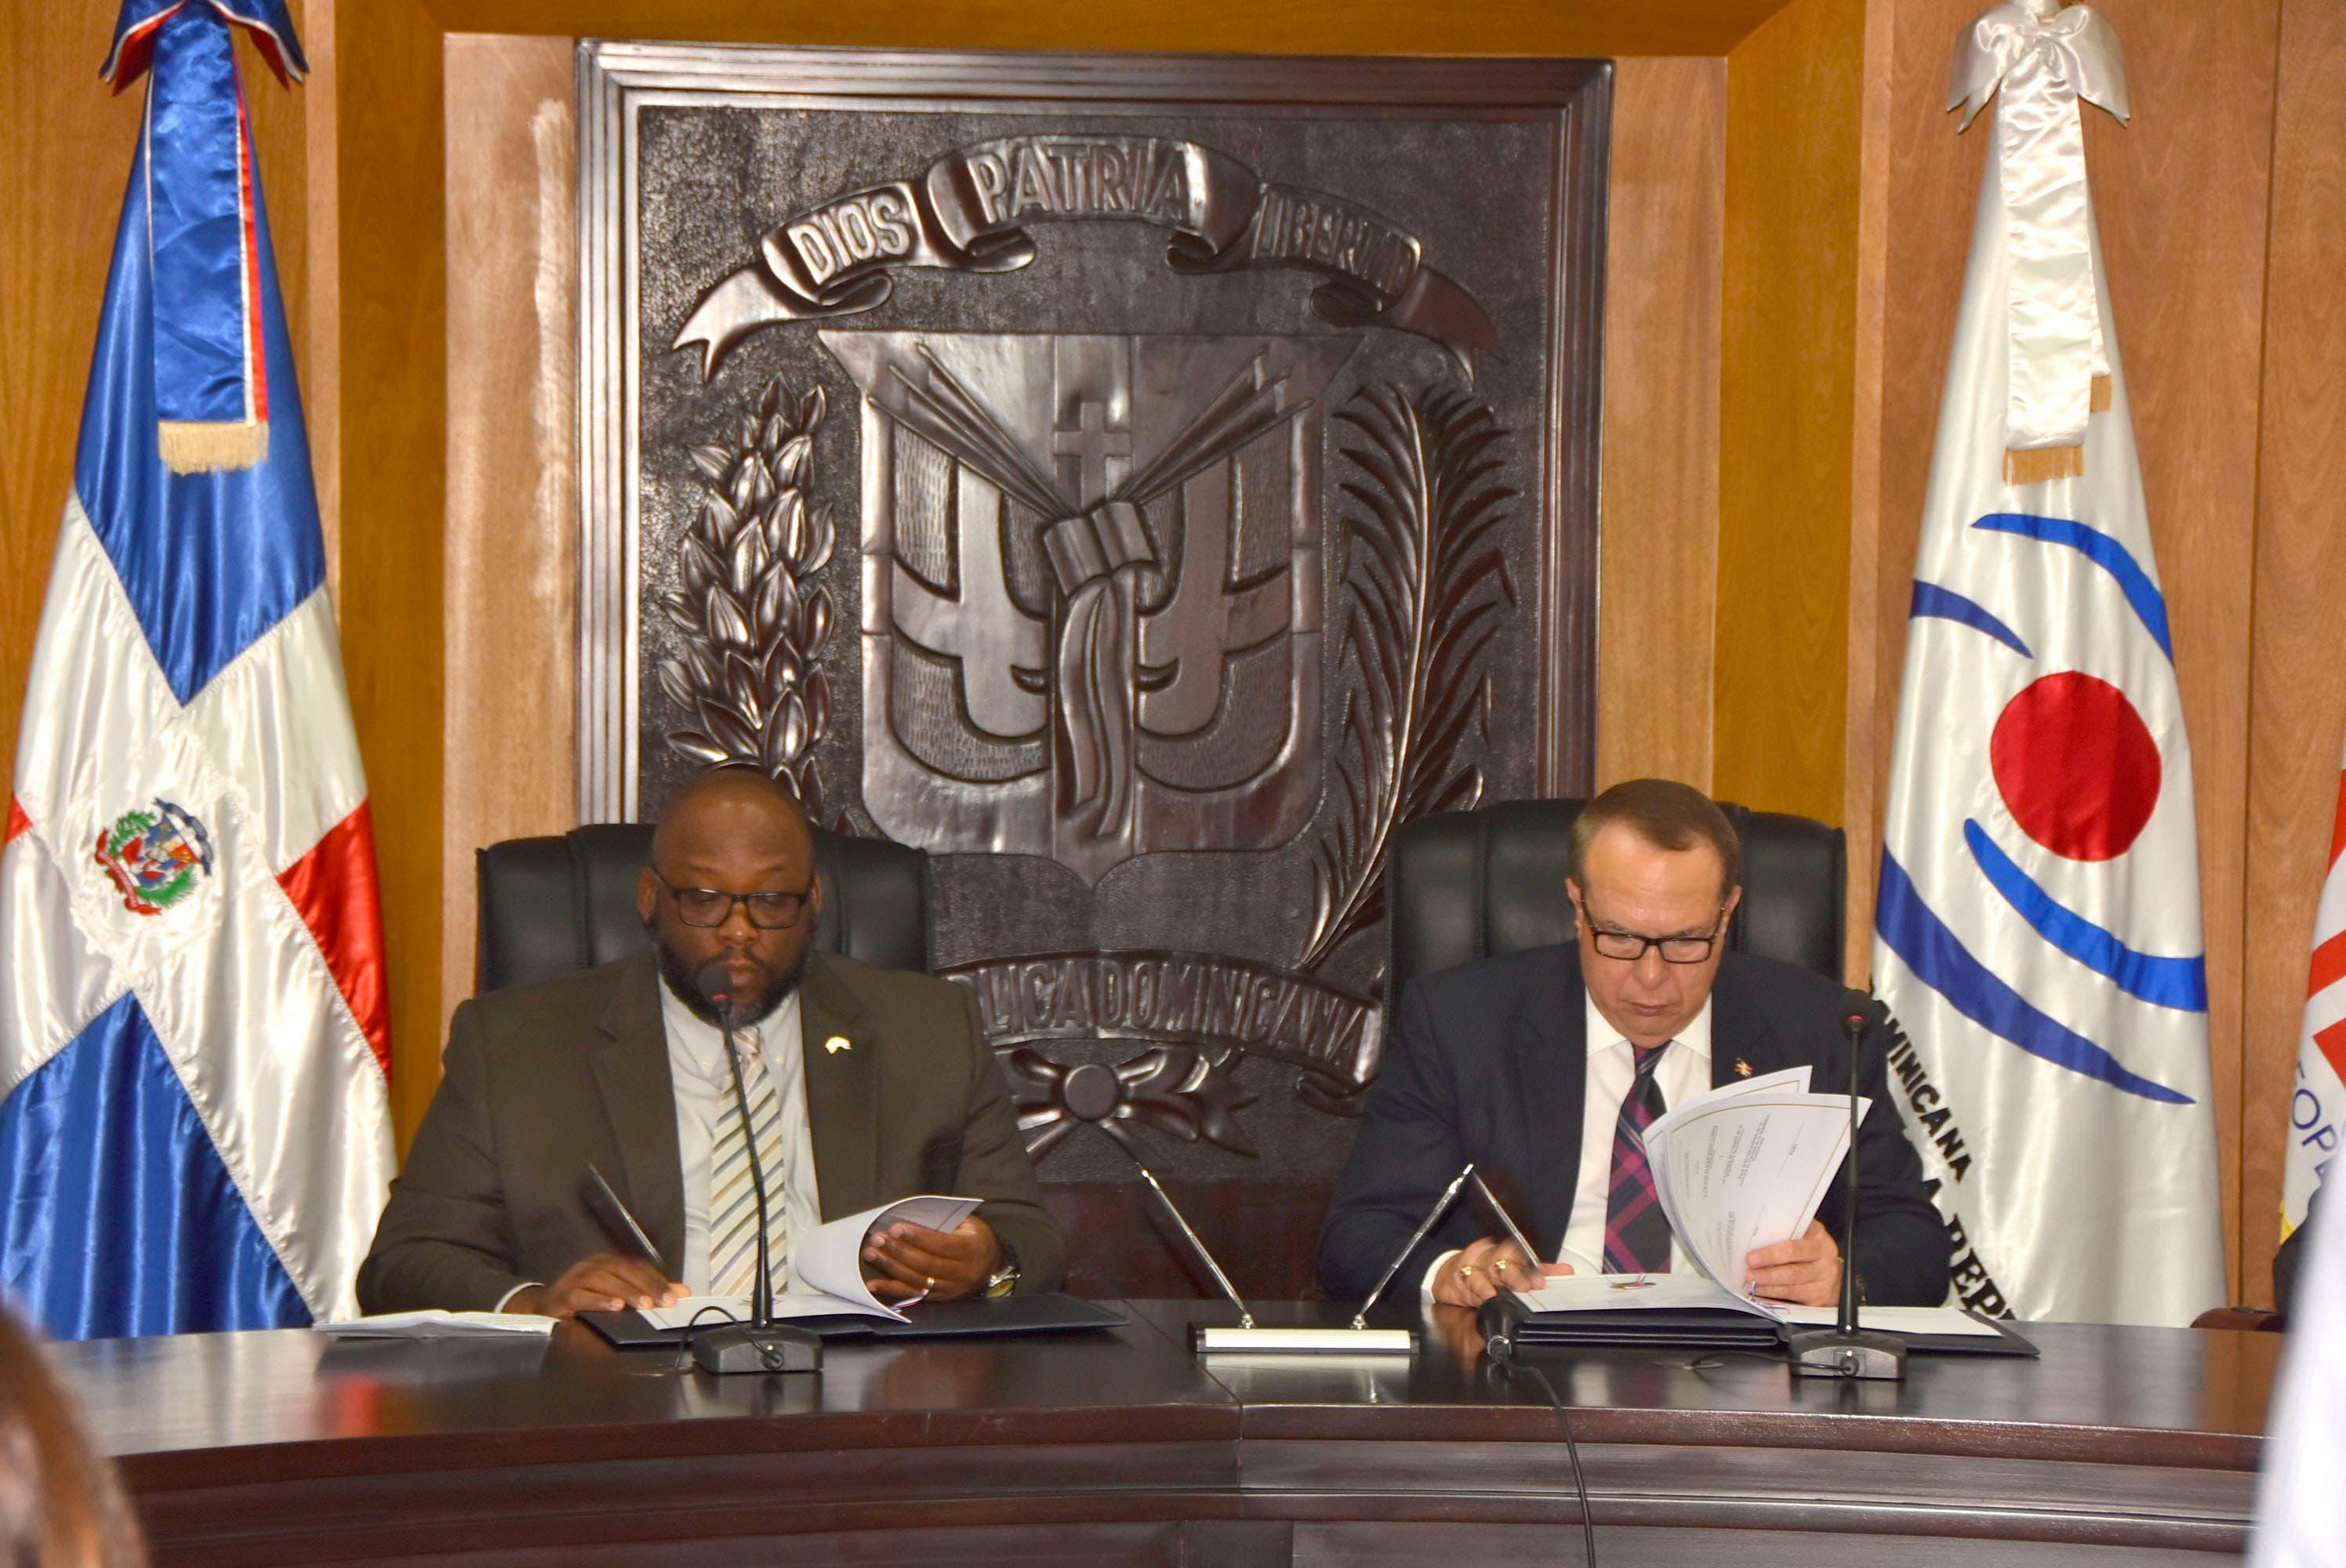 Cámara de Cuentas y USAID firman memorándum de entendimiento orientado al fortalecimiento institucional